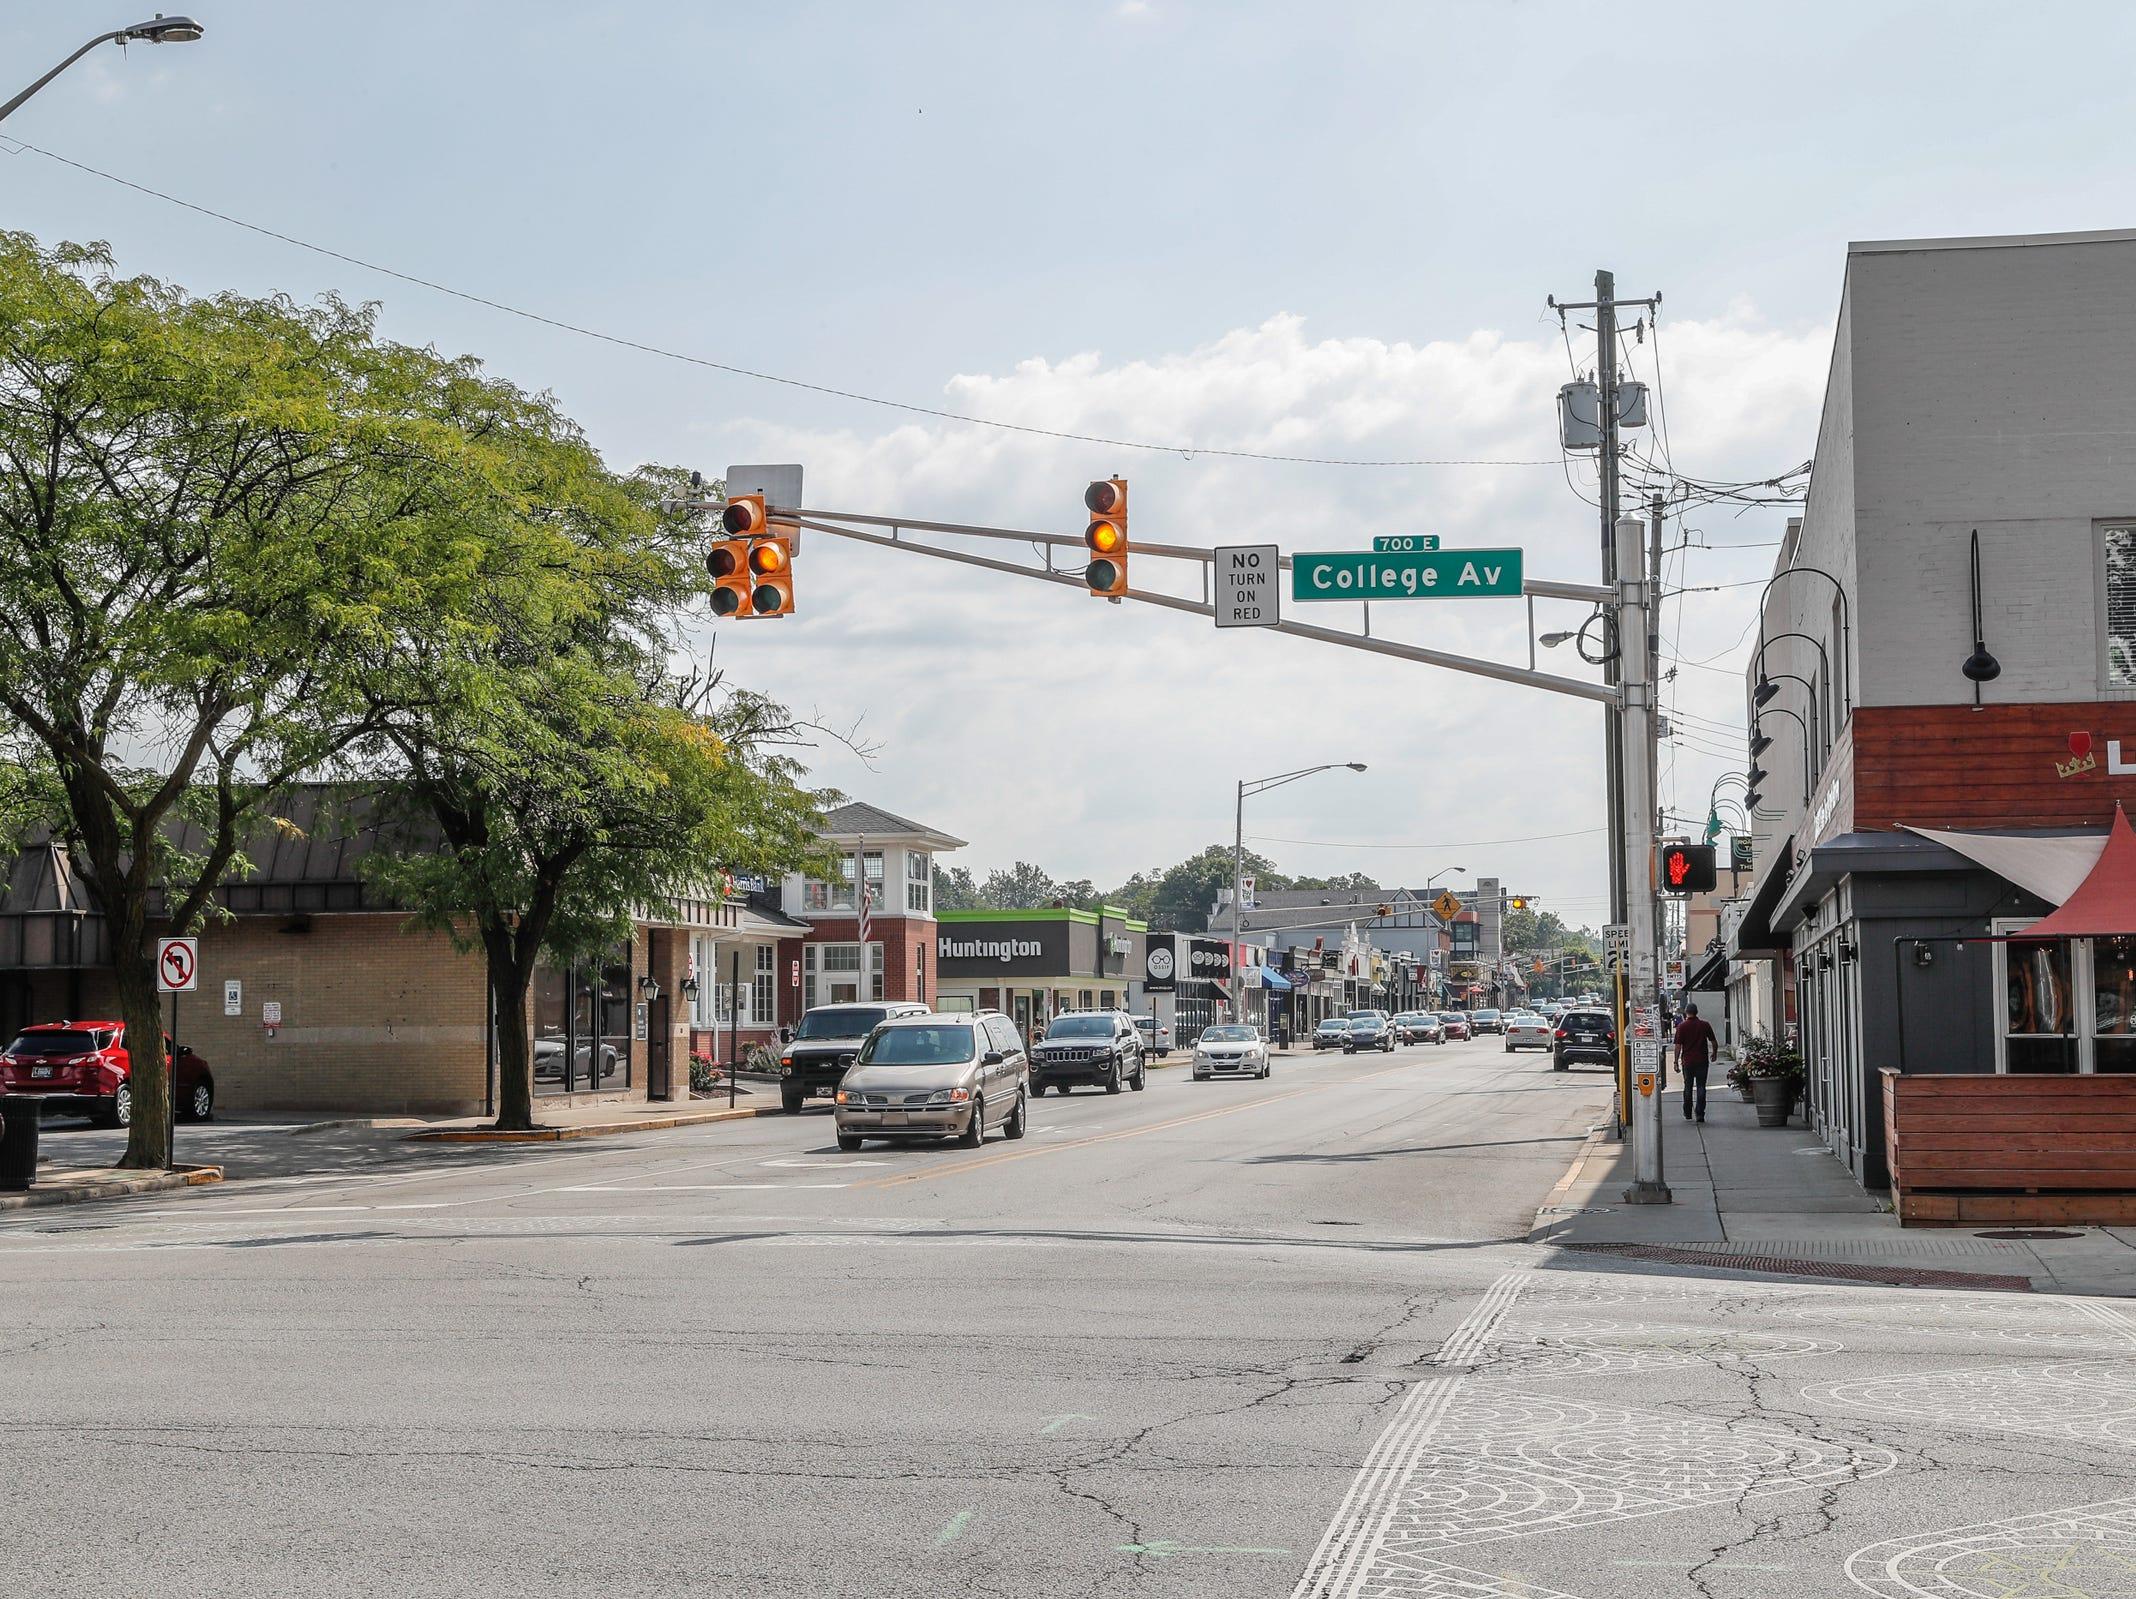 The street scene in 2018.